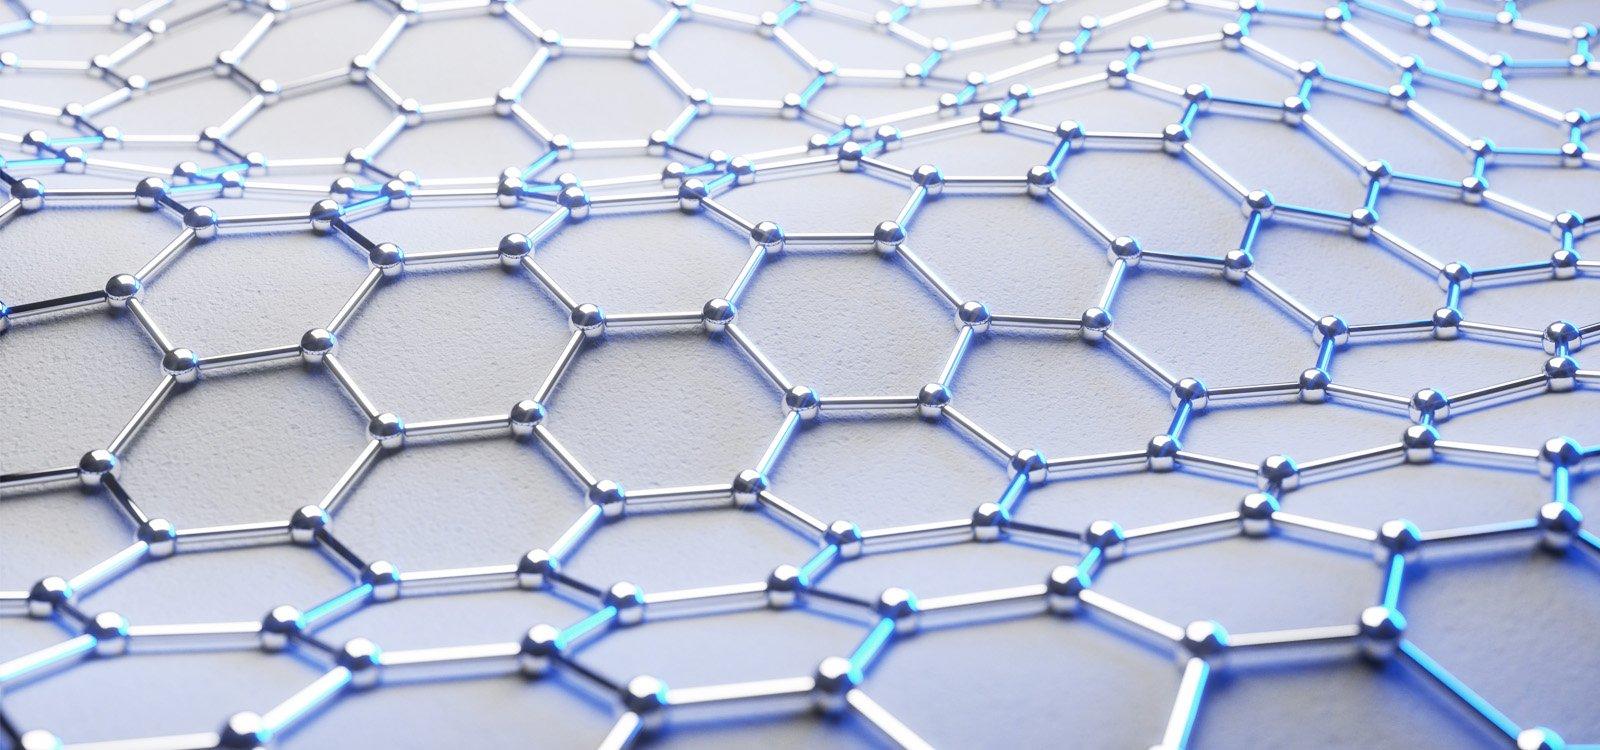 <p>Графен имеет толщину всего в один атом и на сегодняшний день является самым тонким и самым прочным материалом в мире.</p>